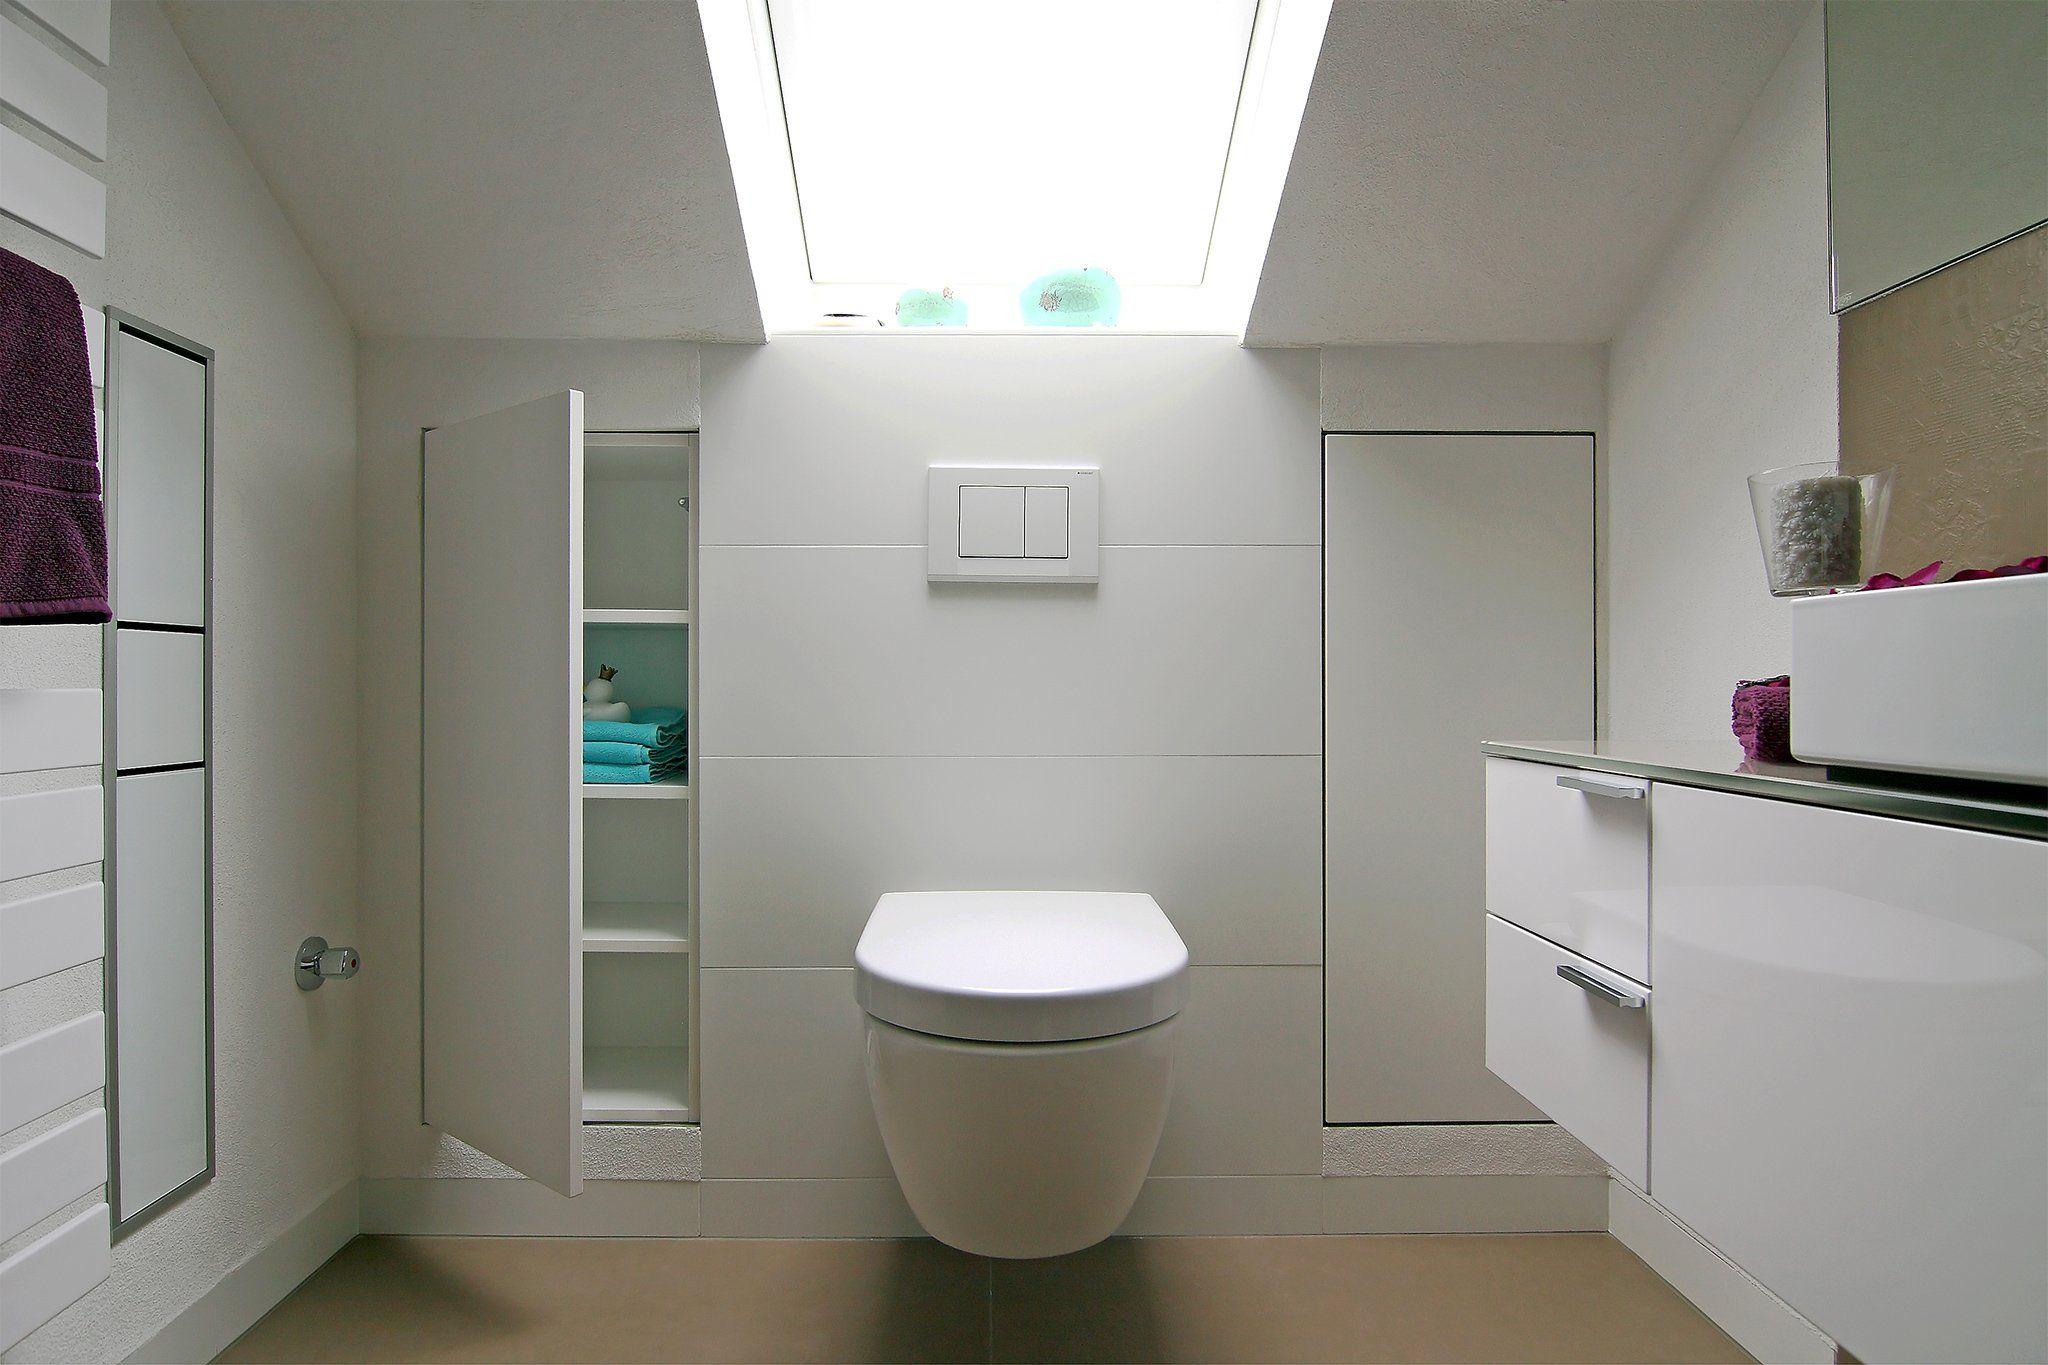 Badezimmer   Badezimmer dachschräge, Badezimmer schrank ...